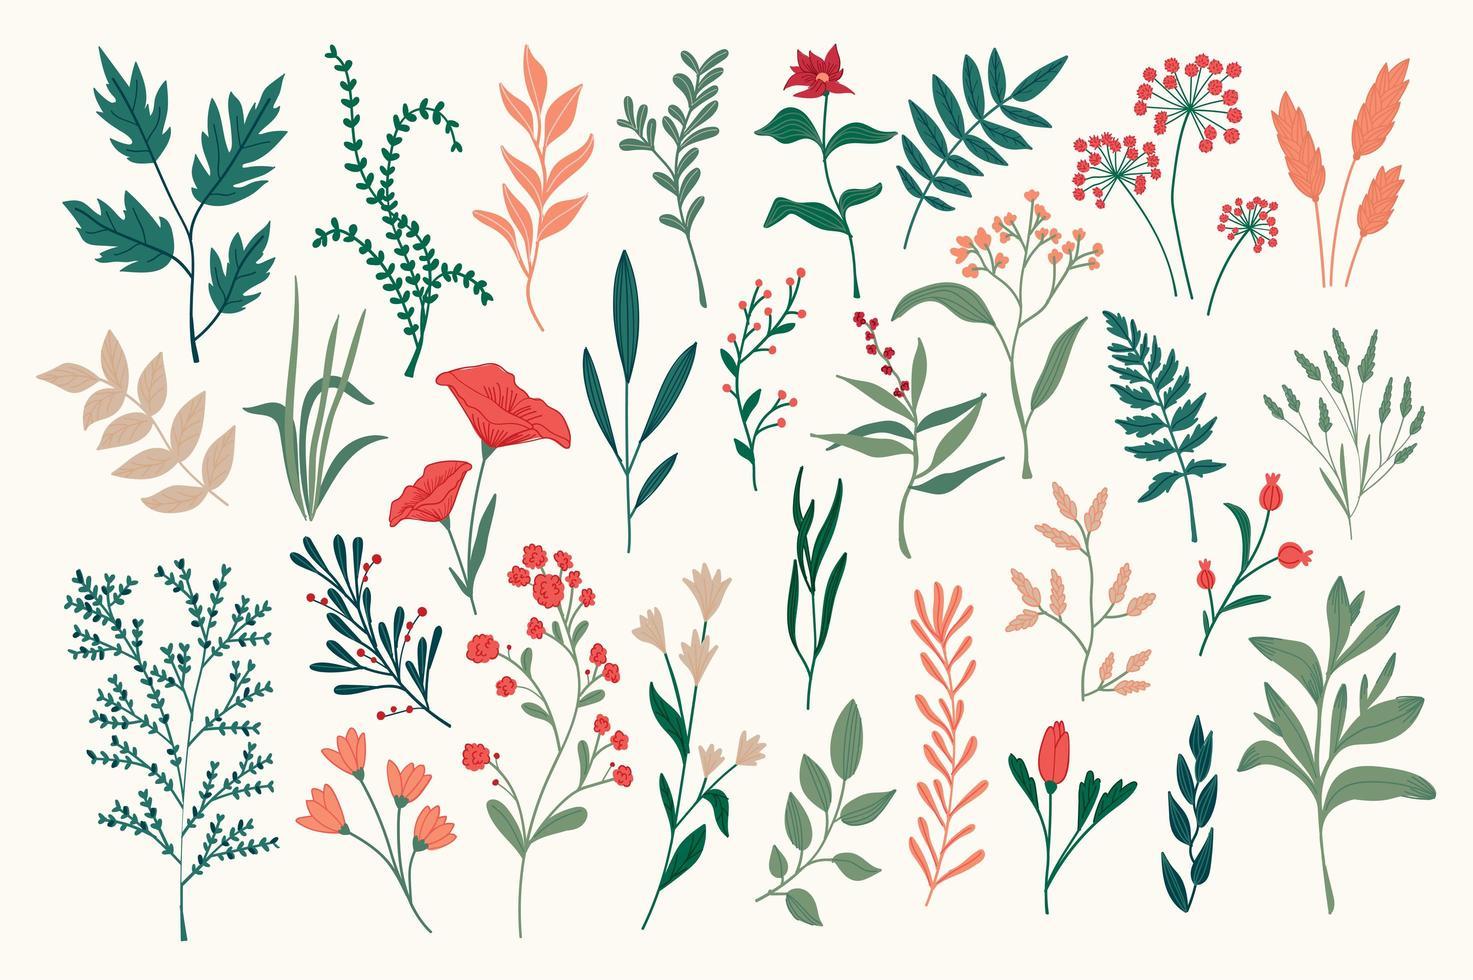 conjunto de objetos florais desenhados à mão vetor